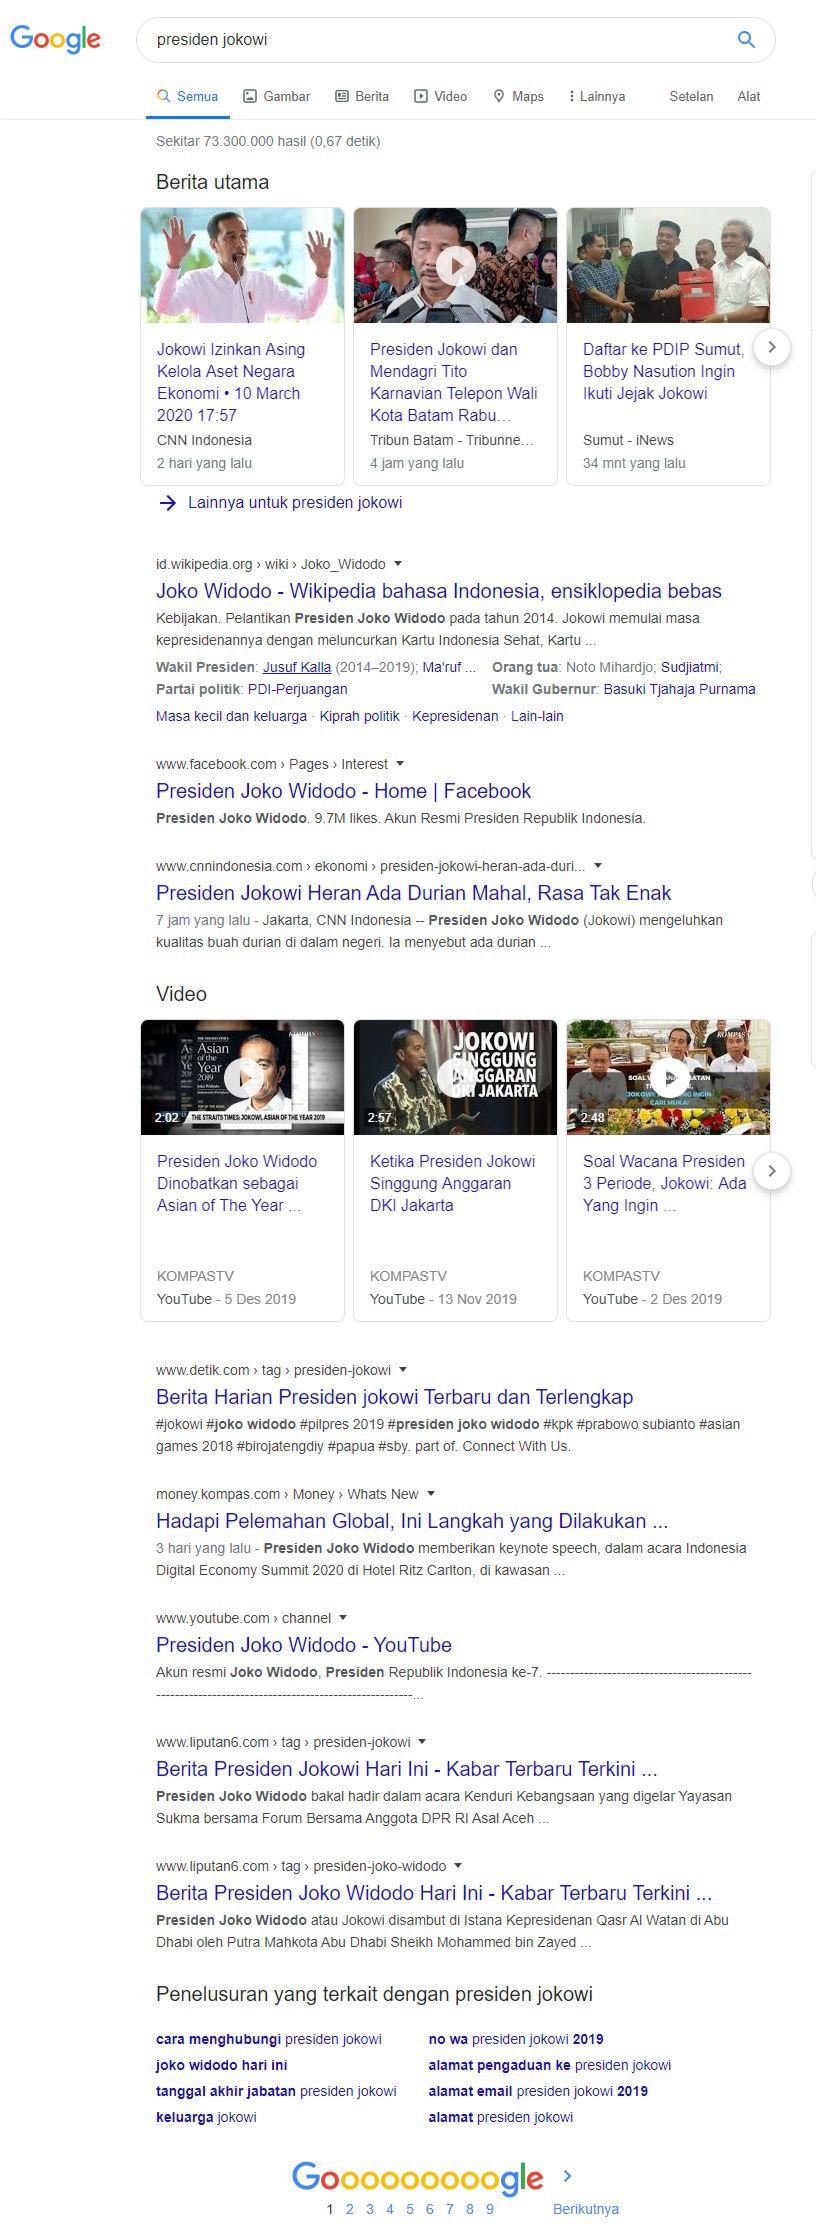 Kesegaran Konten - Presiden Jokowi - faktor penentu SEO